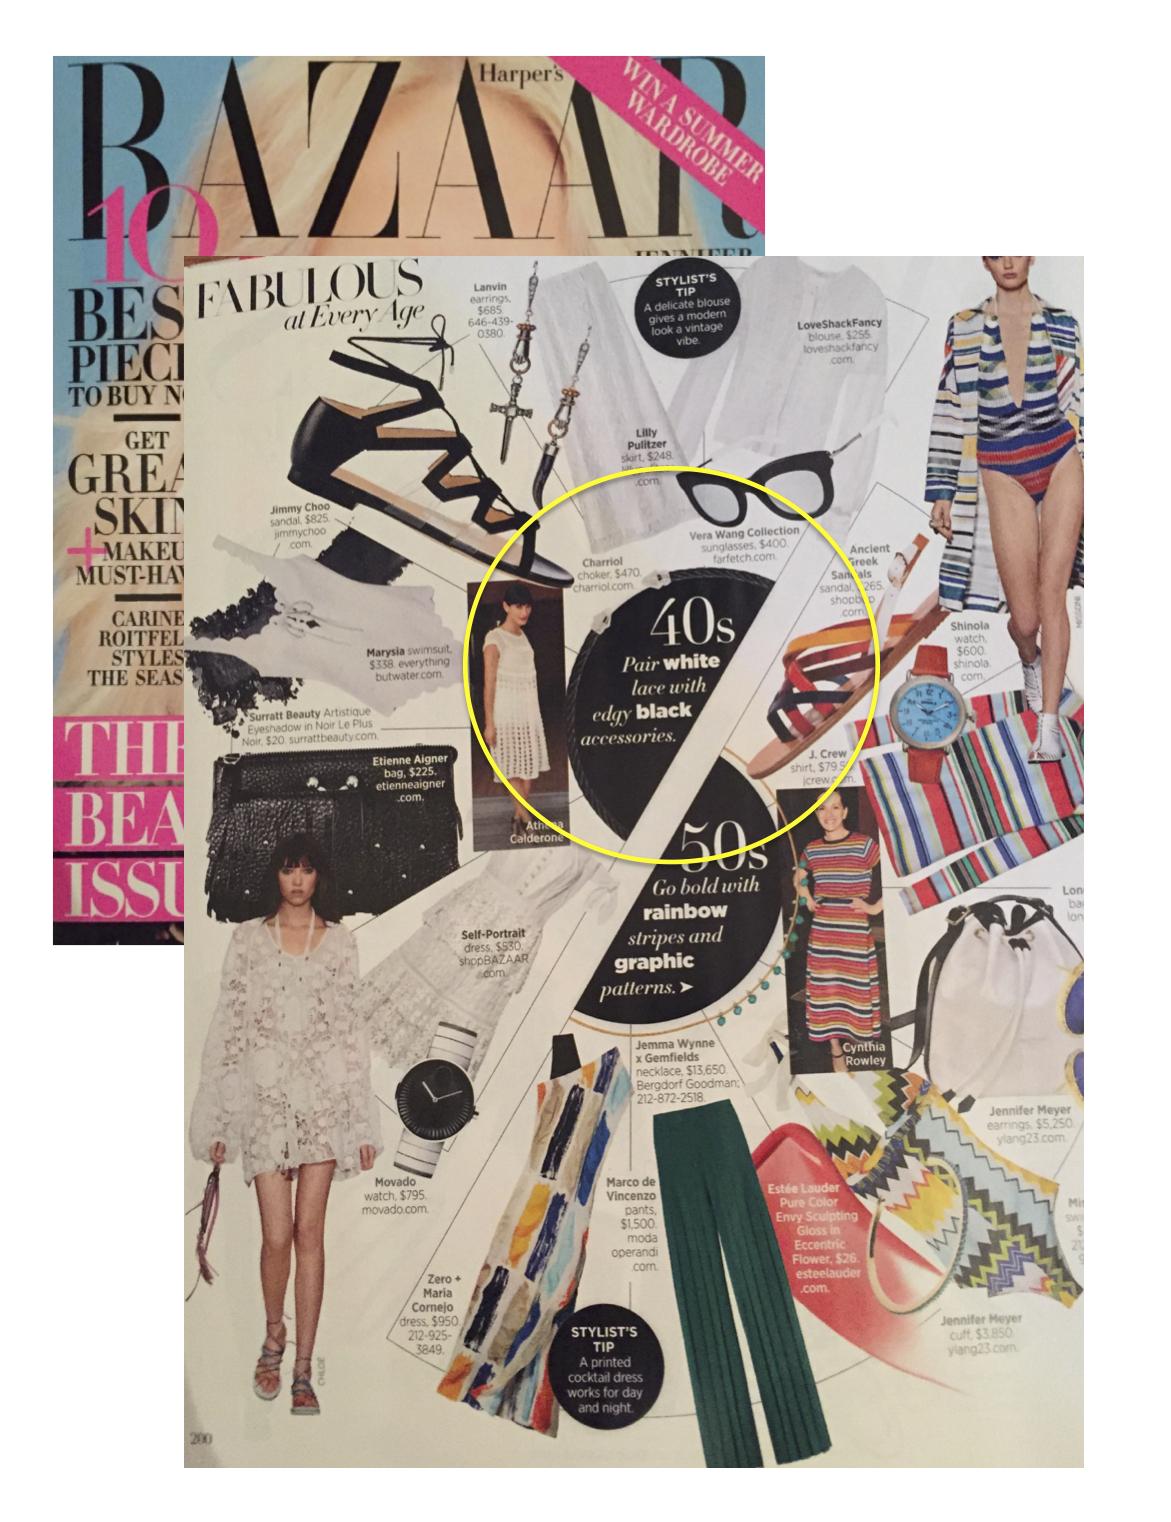 12. Charriol Bracelet in Harpers Bazaar.jpg